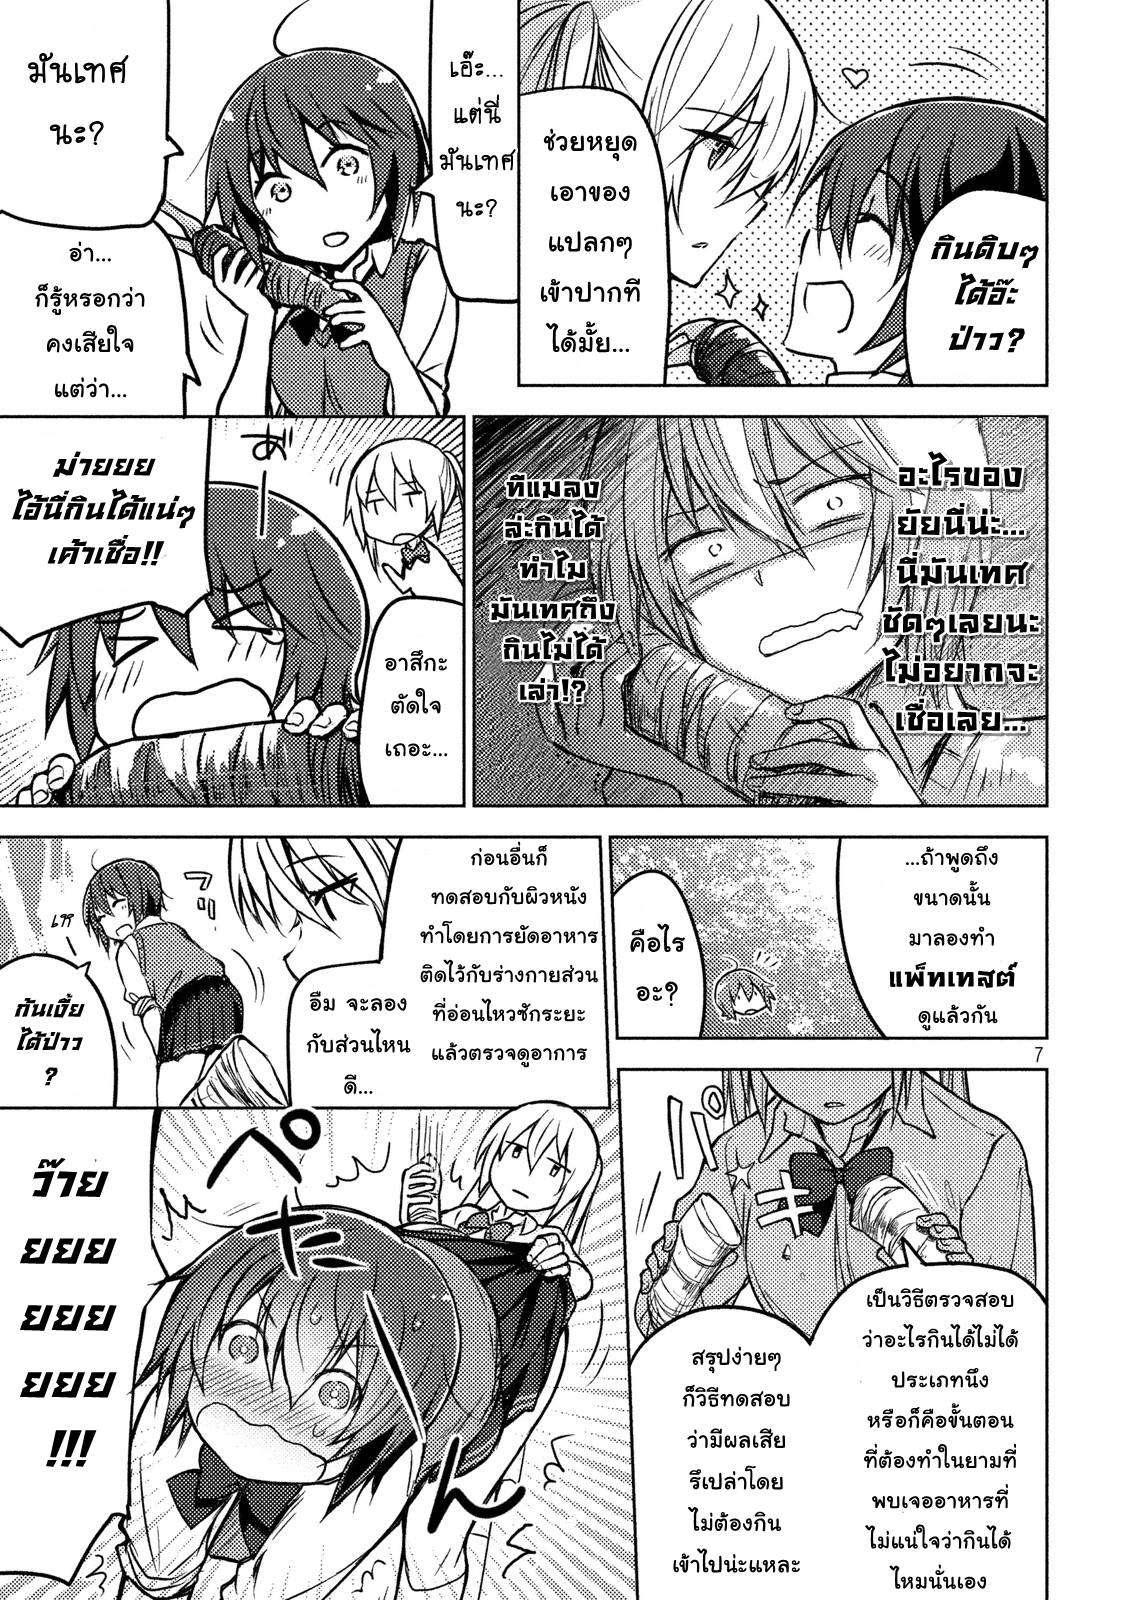 อ่านการ์ตูน Sounan desu ka? ตอนที่ 6 หน้าที่ 7